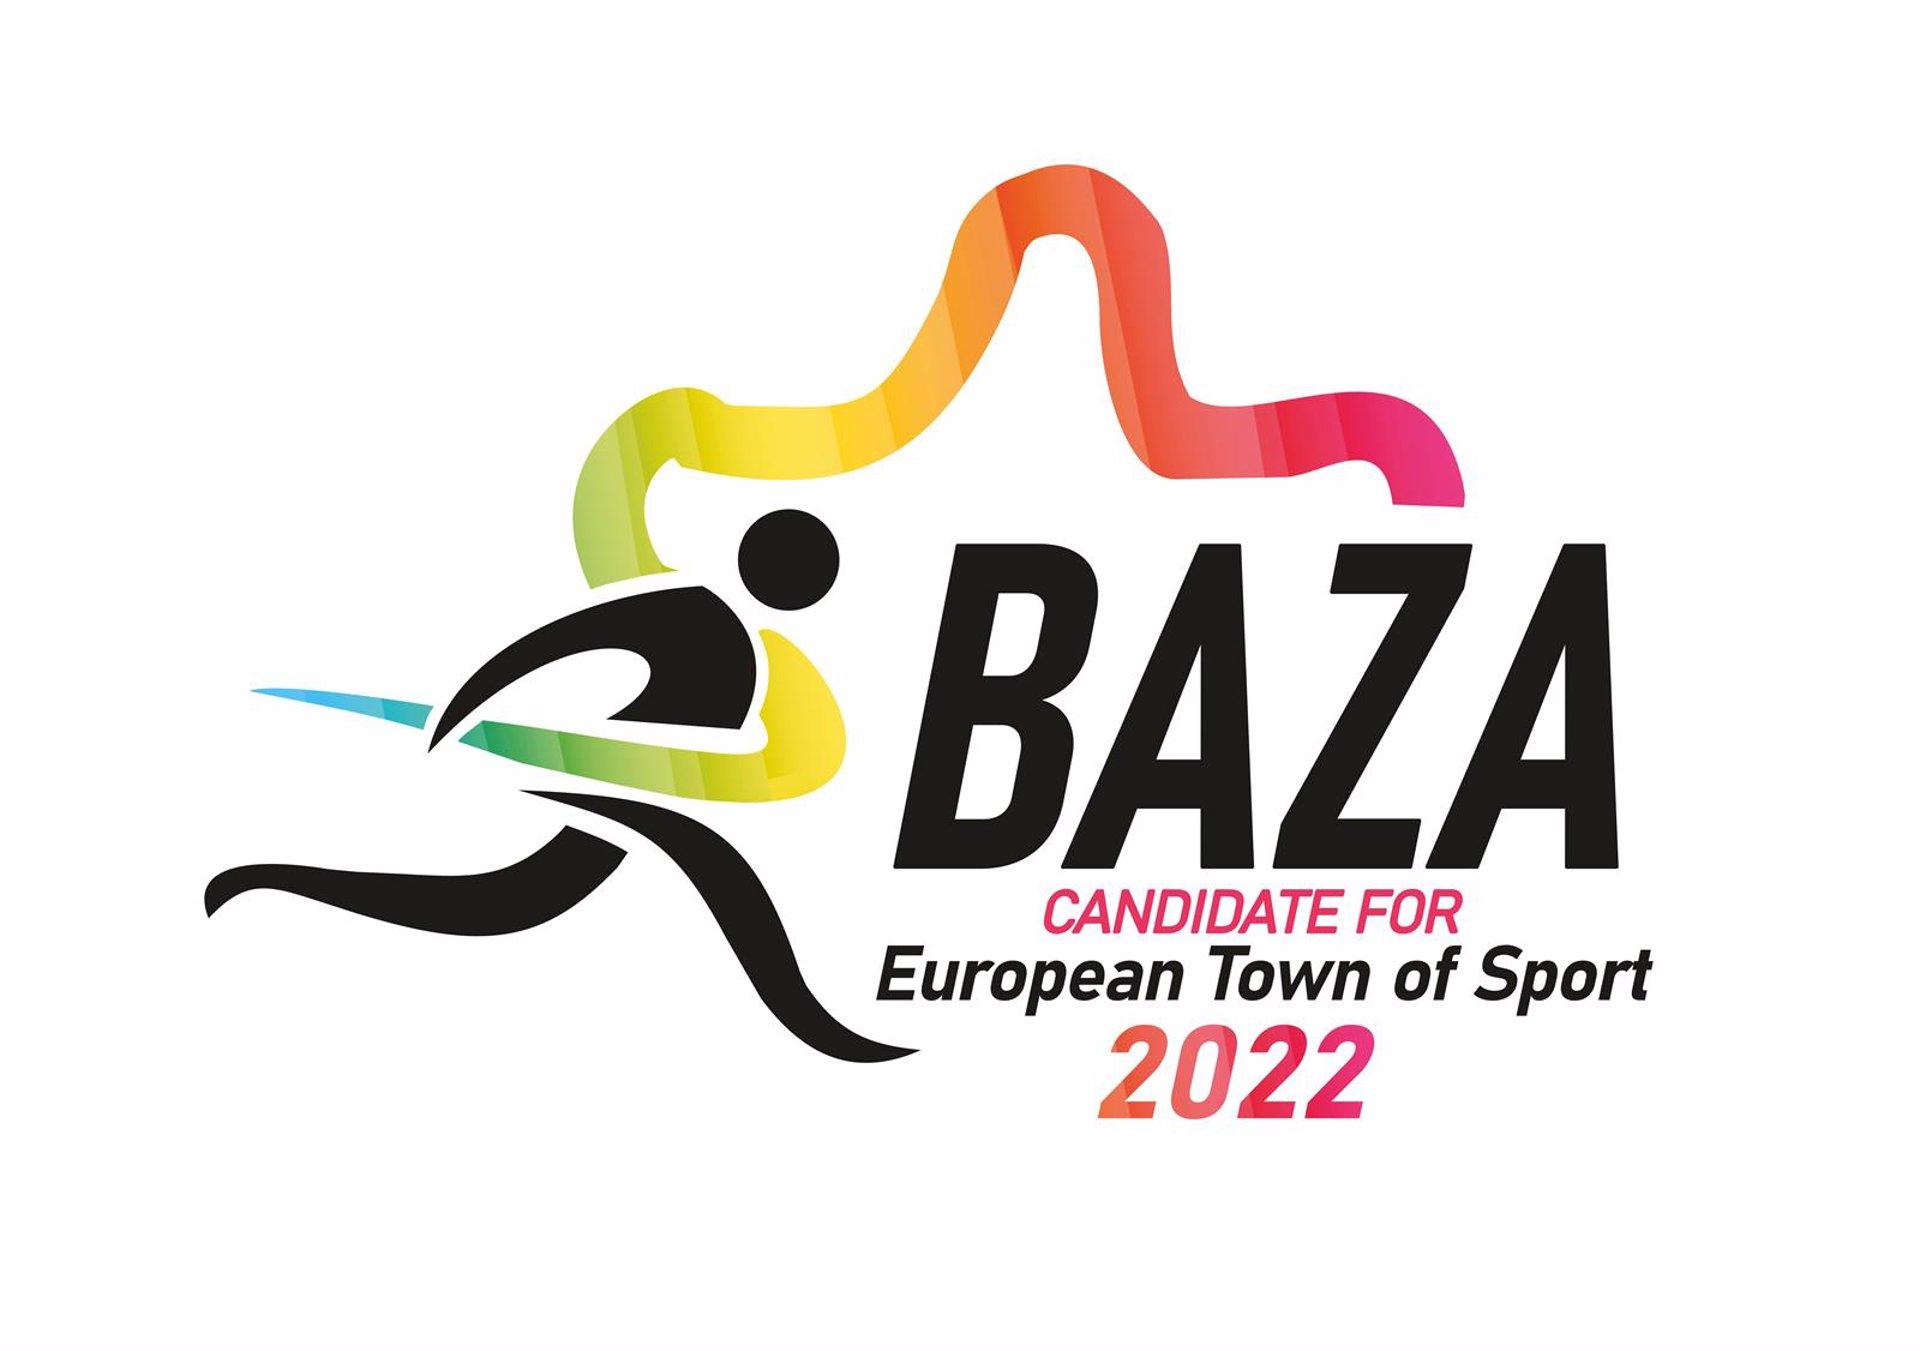 Baza se postula como candidata a Ciudad Europea del Deporte 2022